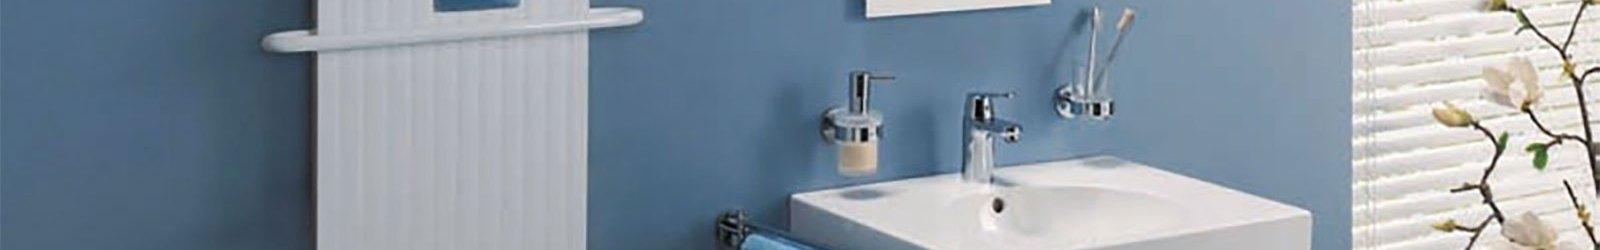 Domotizzare un termoventilatore da bagno con Broadlink e Home Assistant